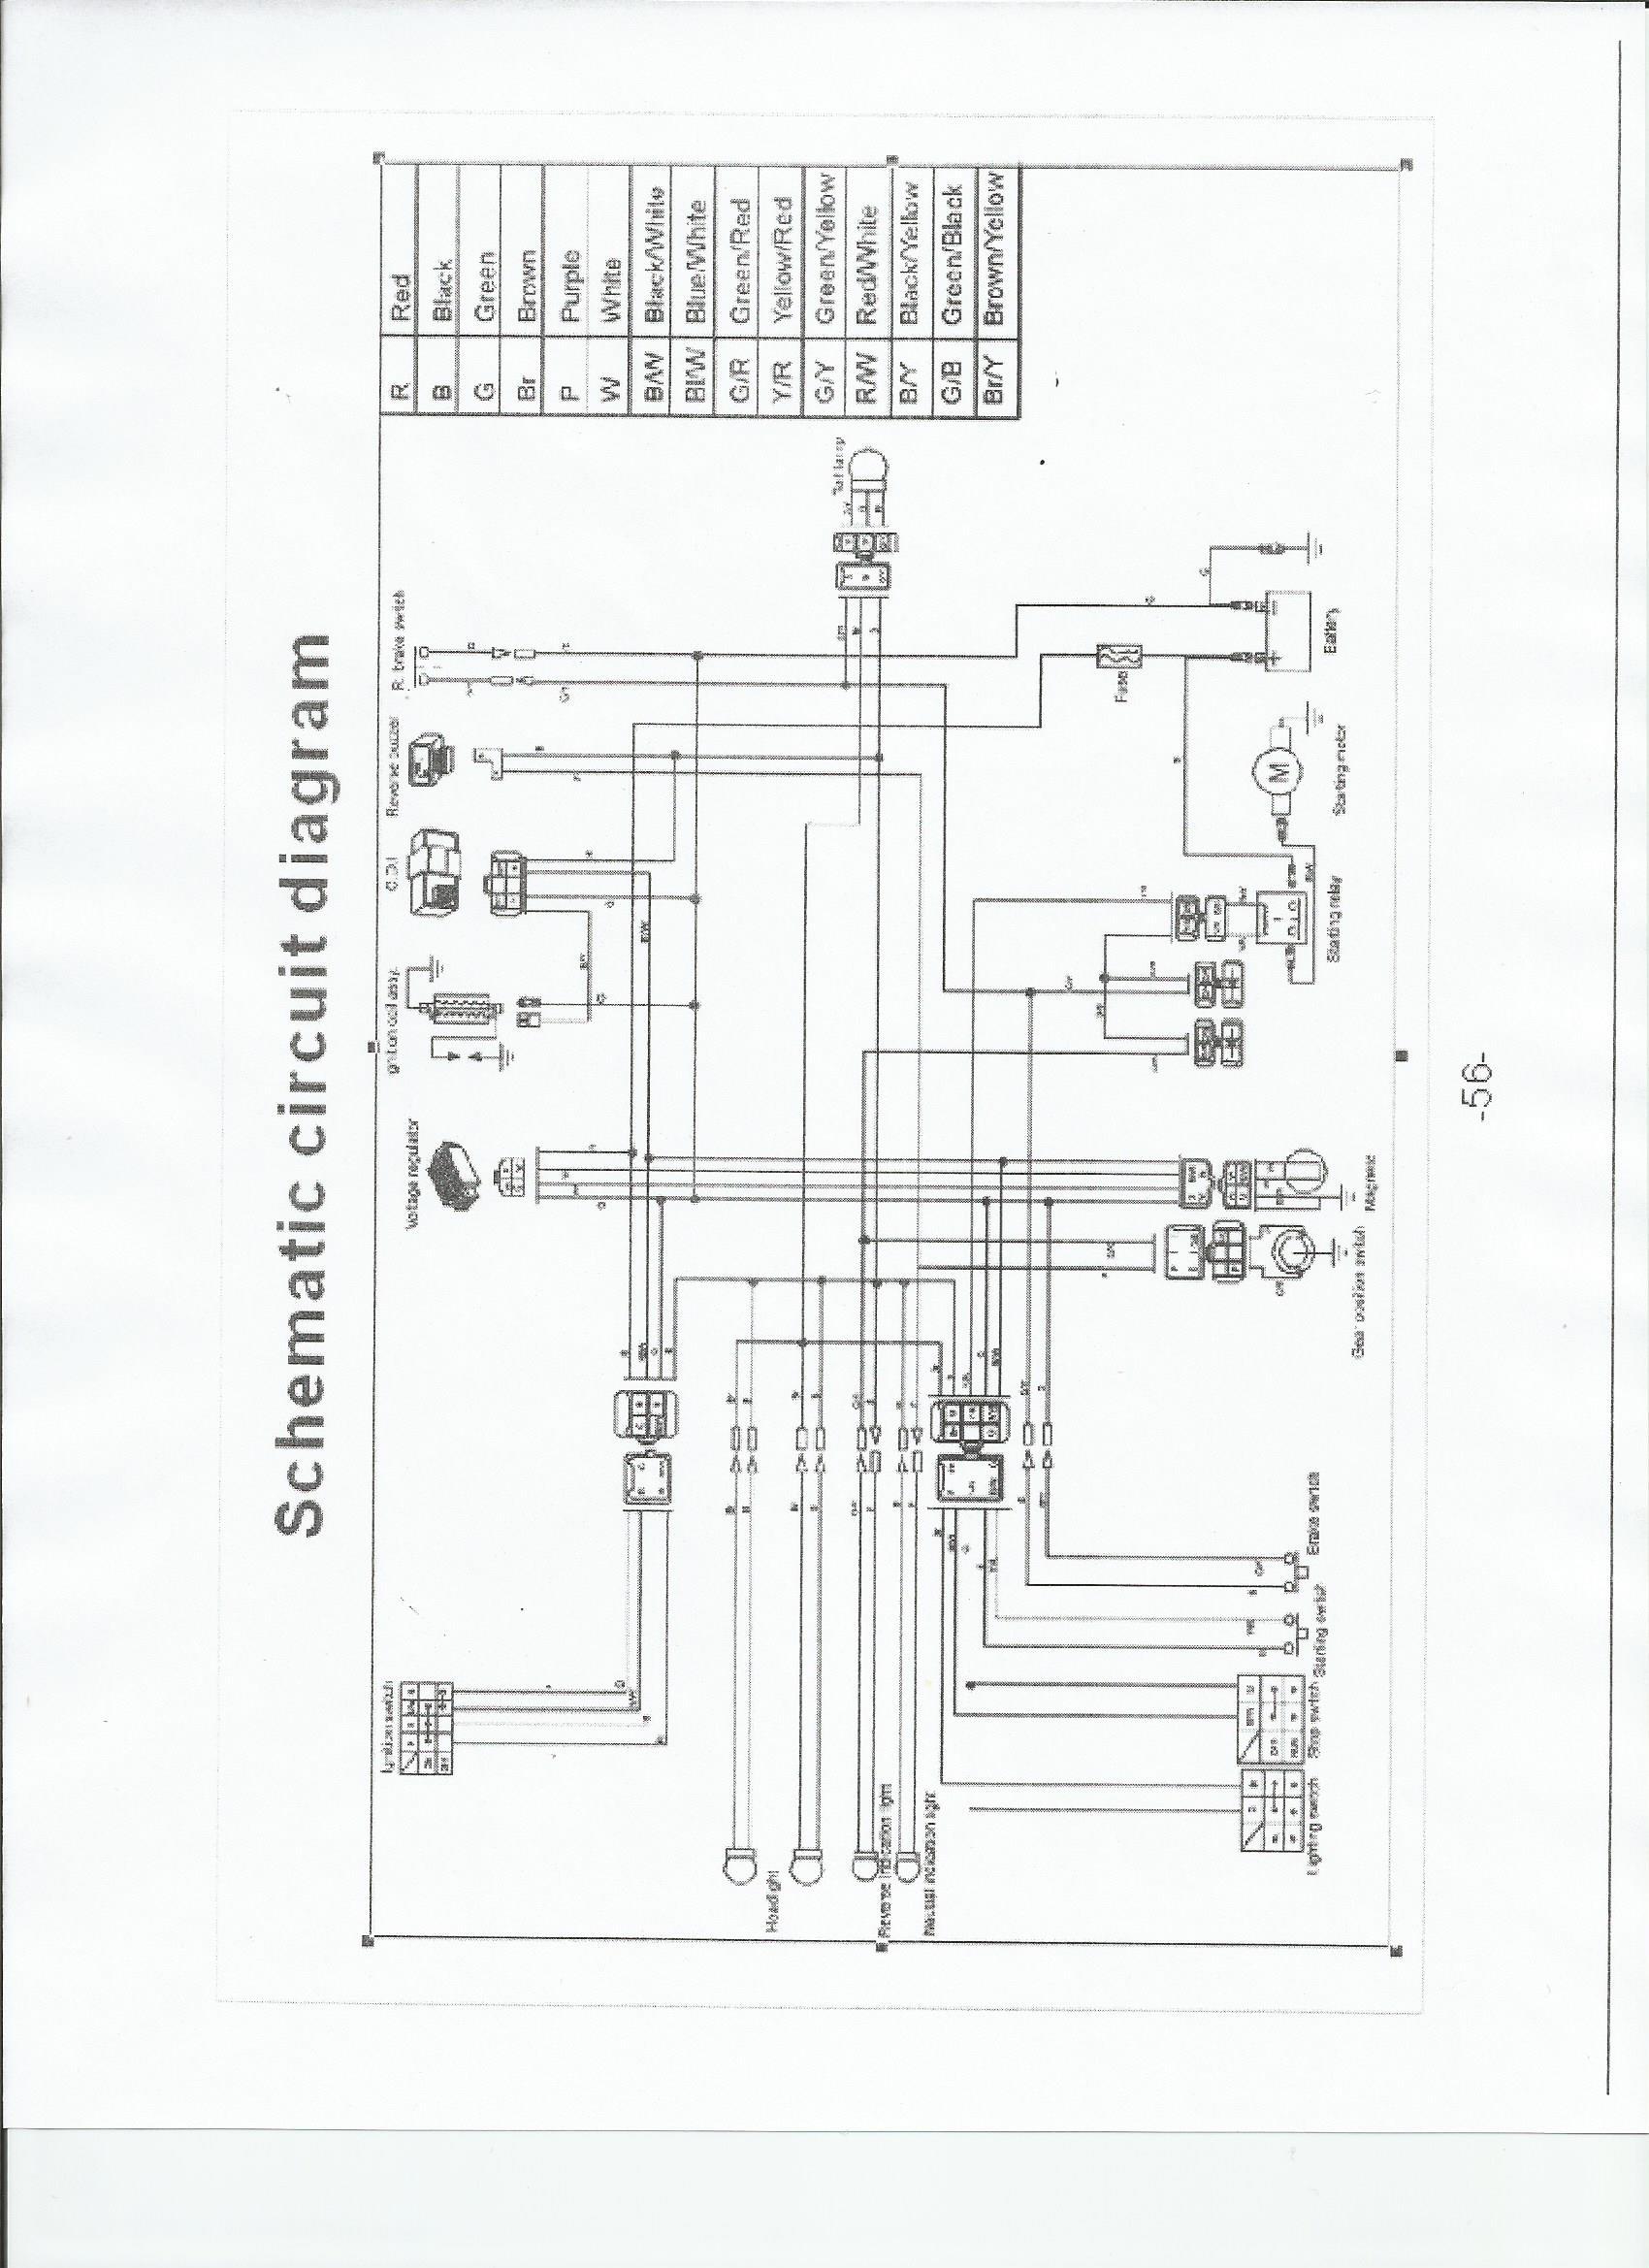 buyang motorcycle wiring diagram simple wiring schema along with pocket bike wiring 49cc moreover tao tao 110 wiring diagram [ 1700 x 2338 Pixel ]